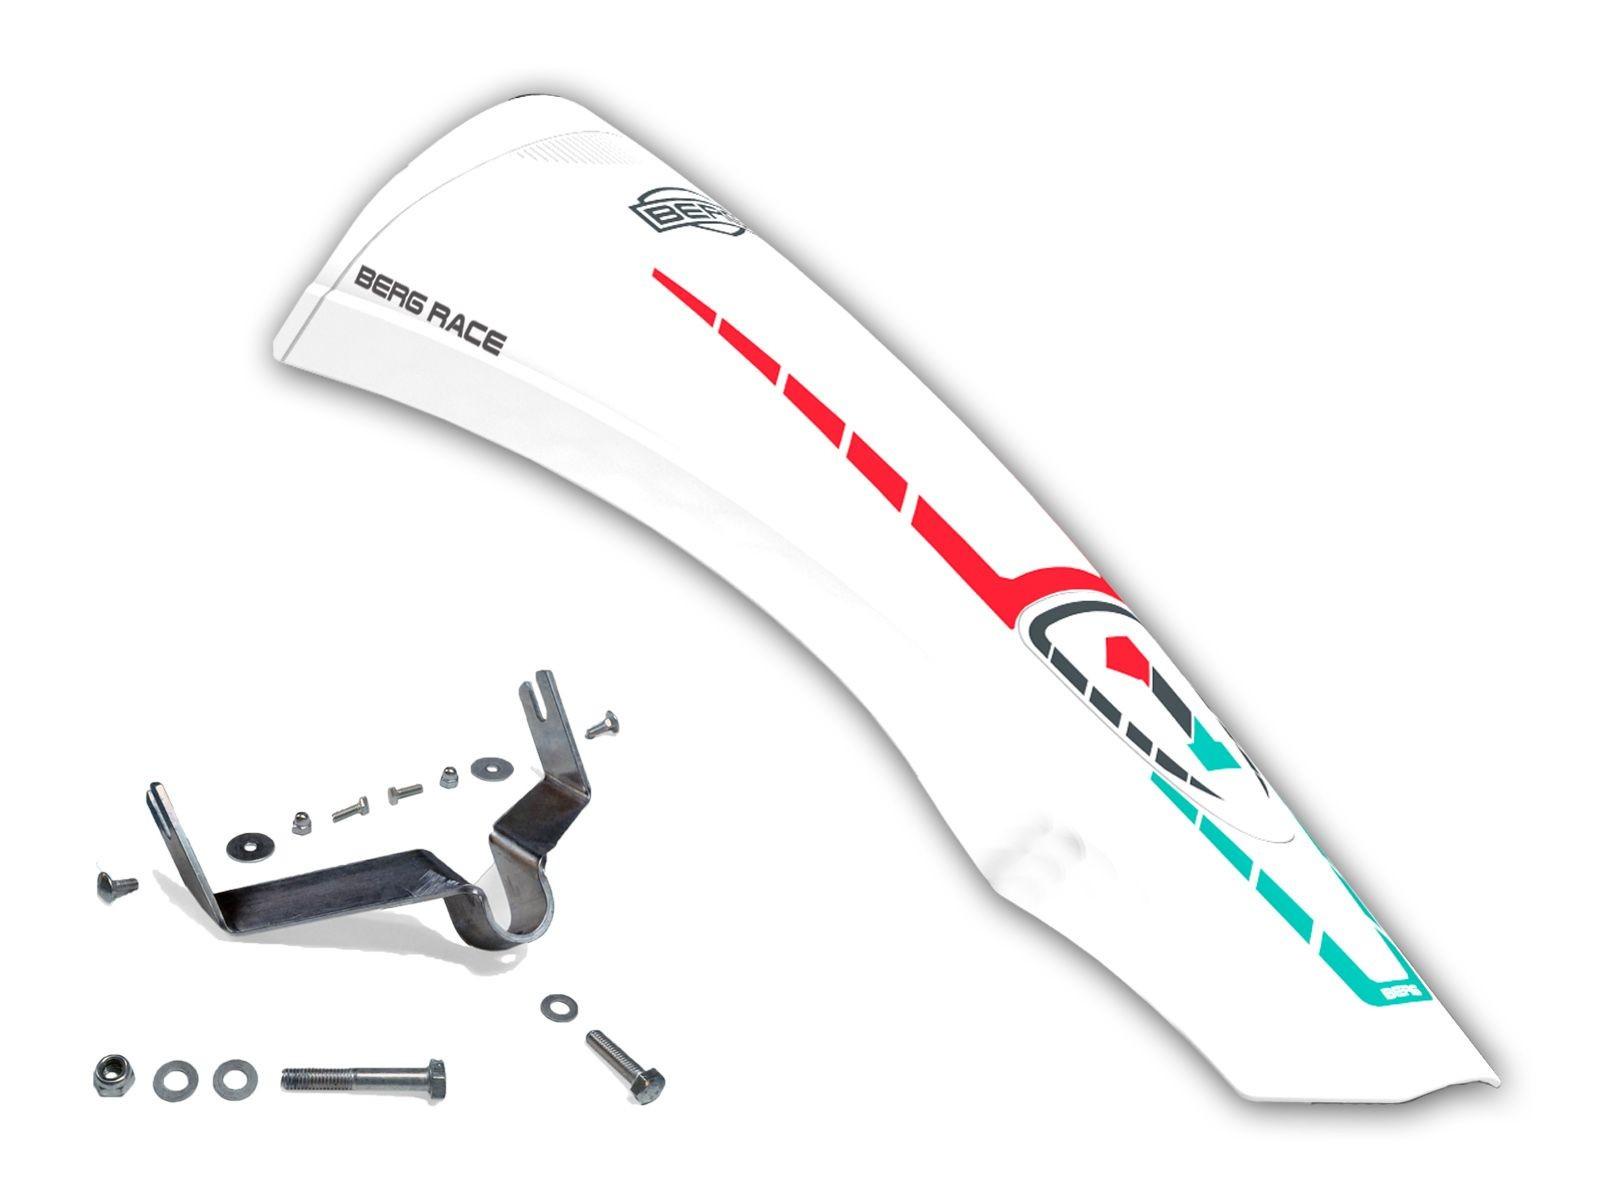 XL Frame - Spoiler Race